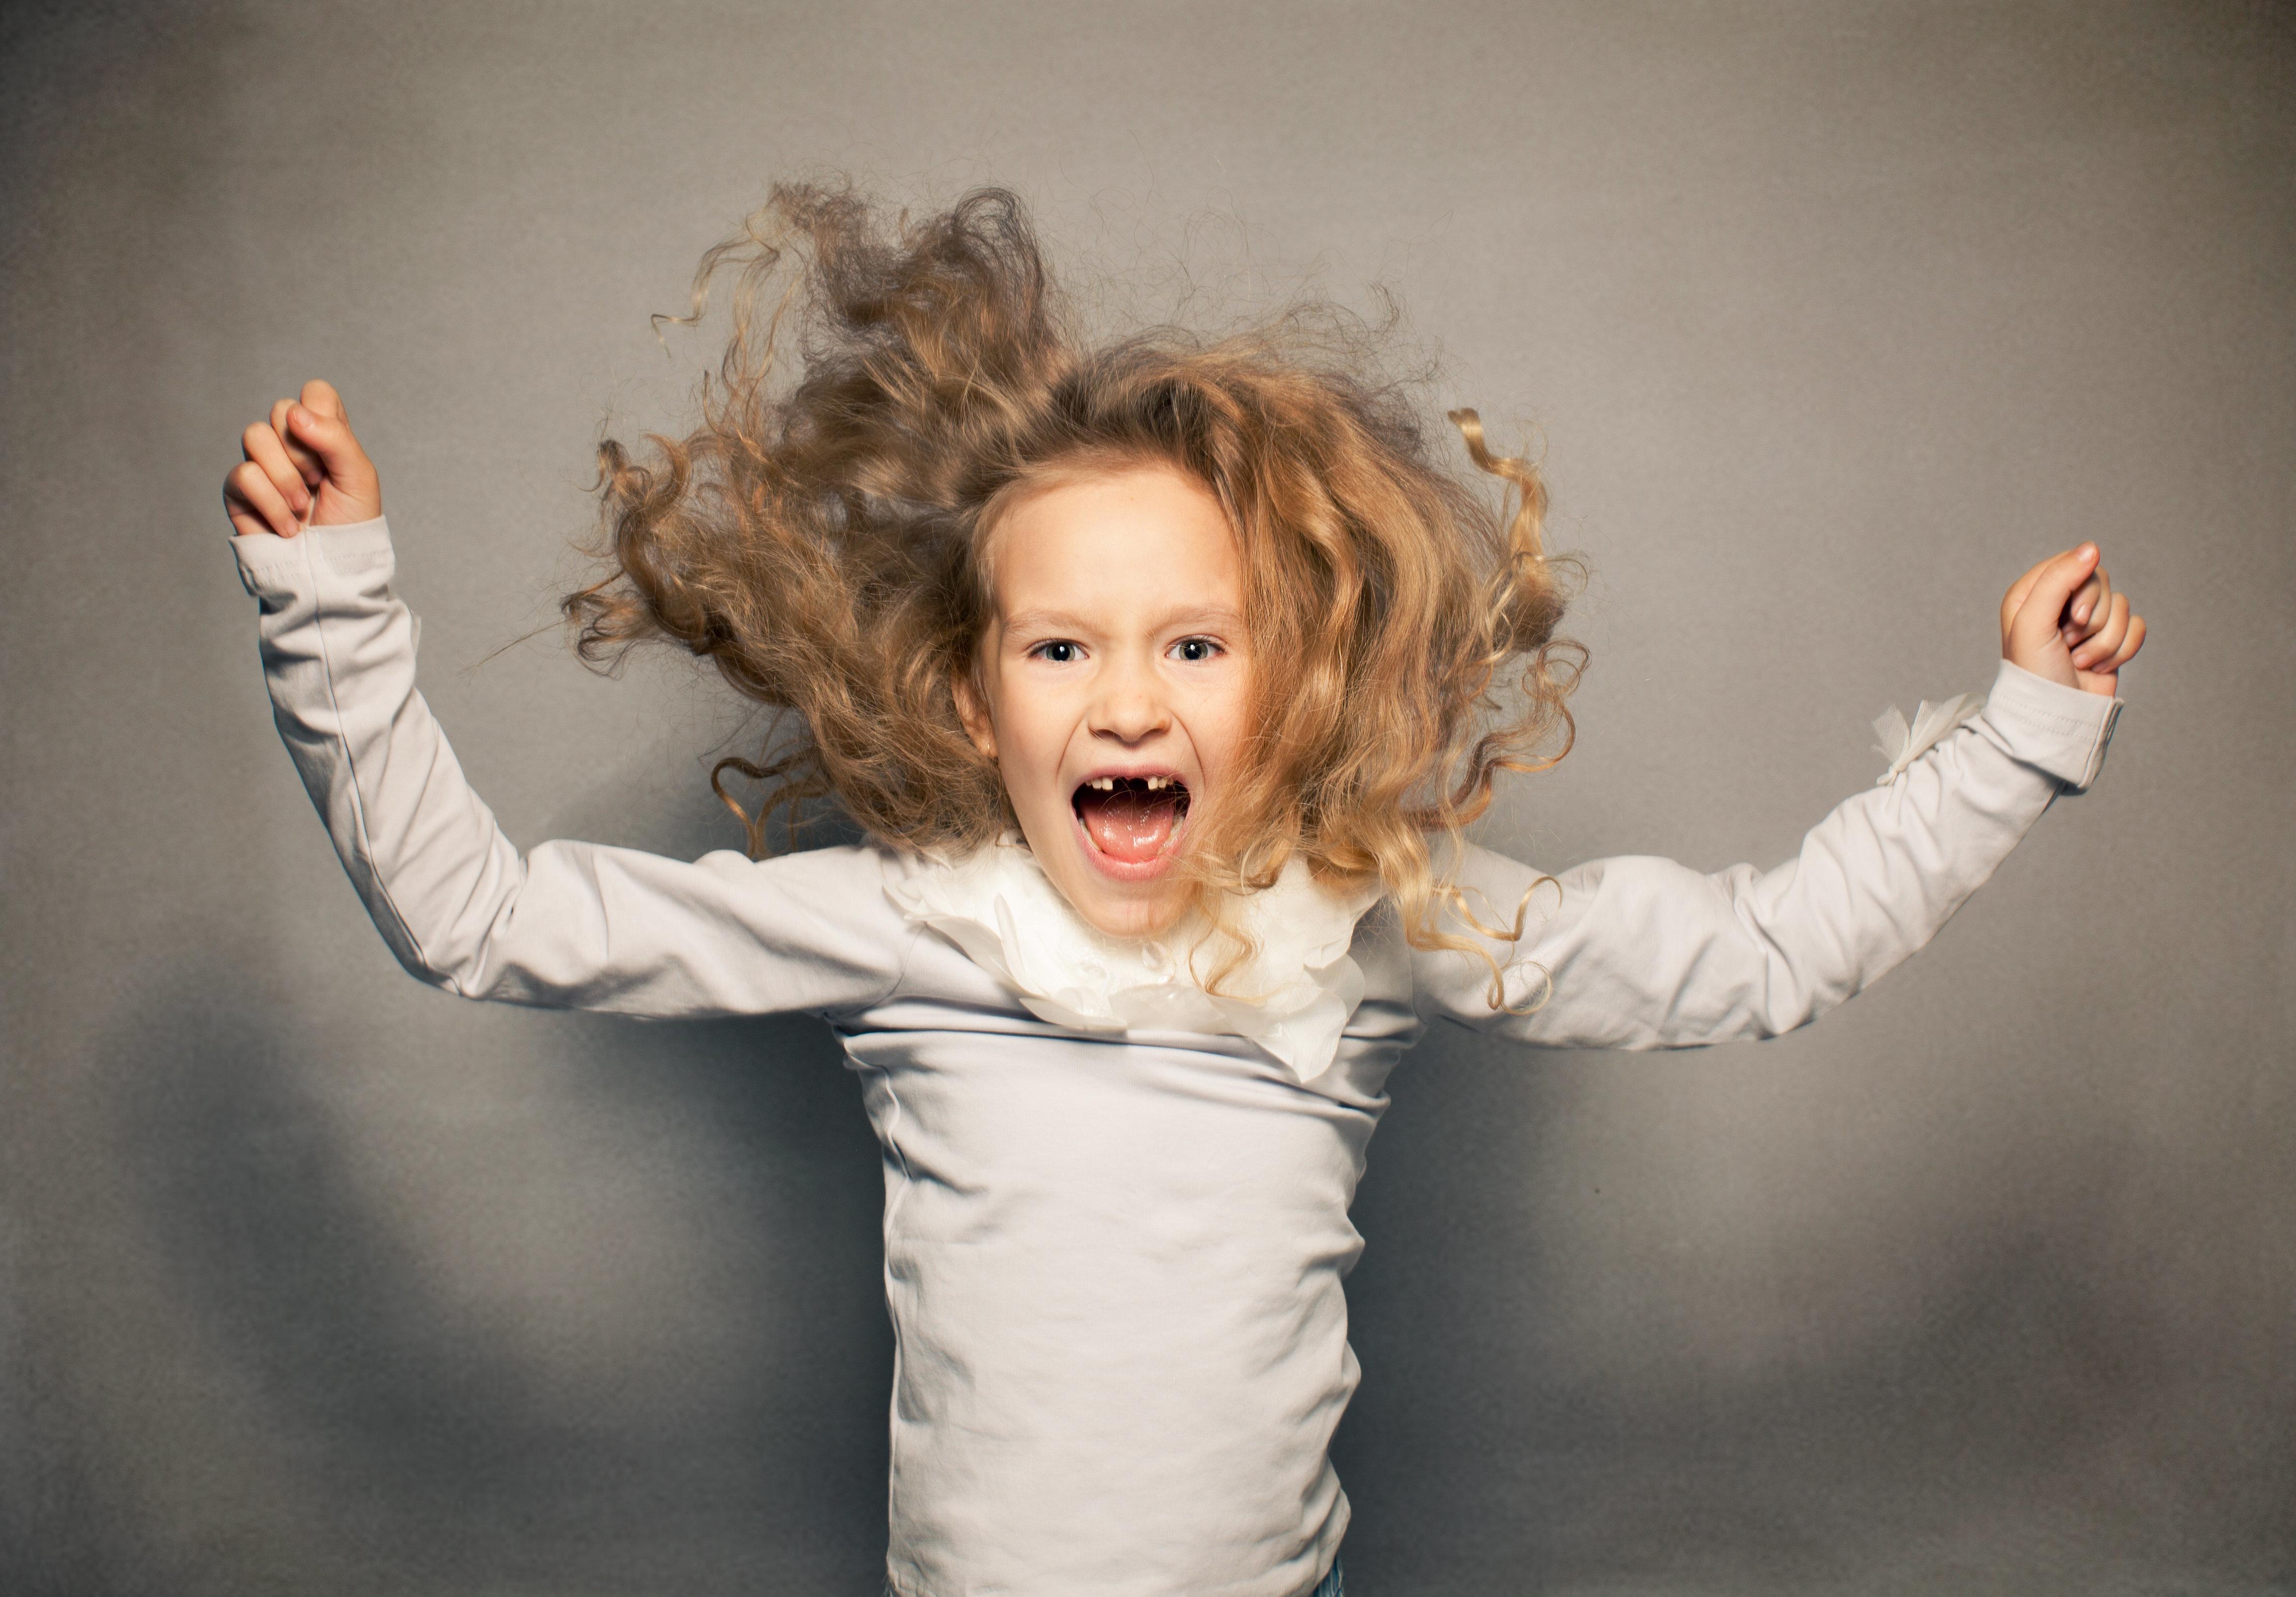 Wilder, lauter, sensibler: So geht ihr mit gefühlsstarken Kindern